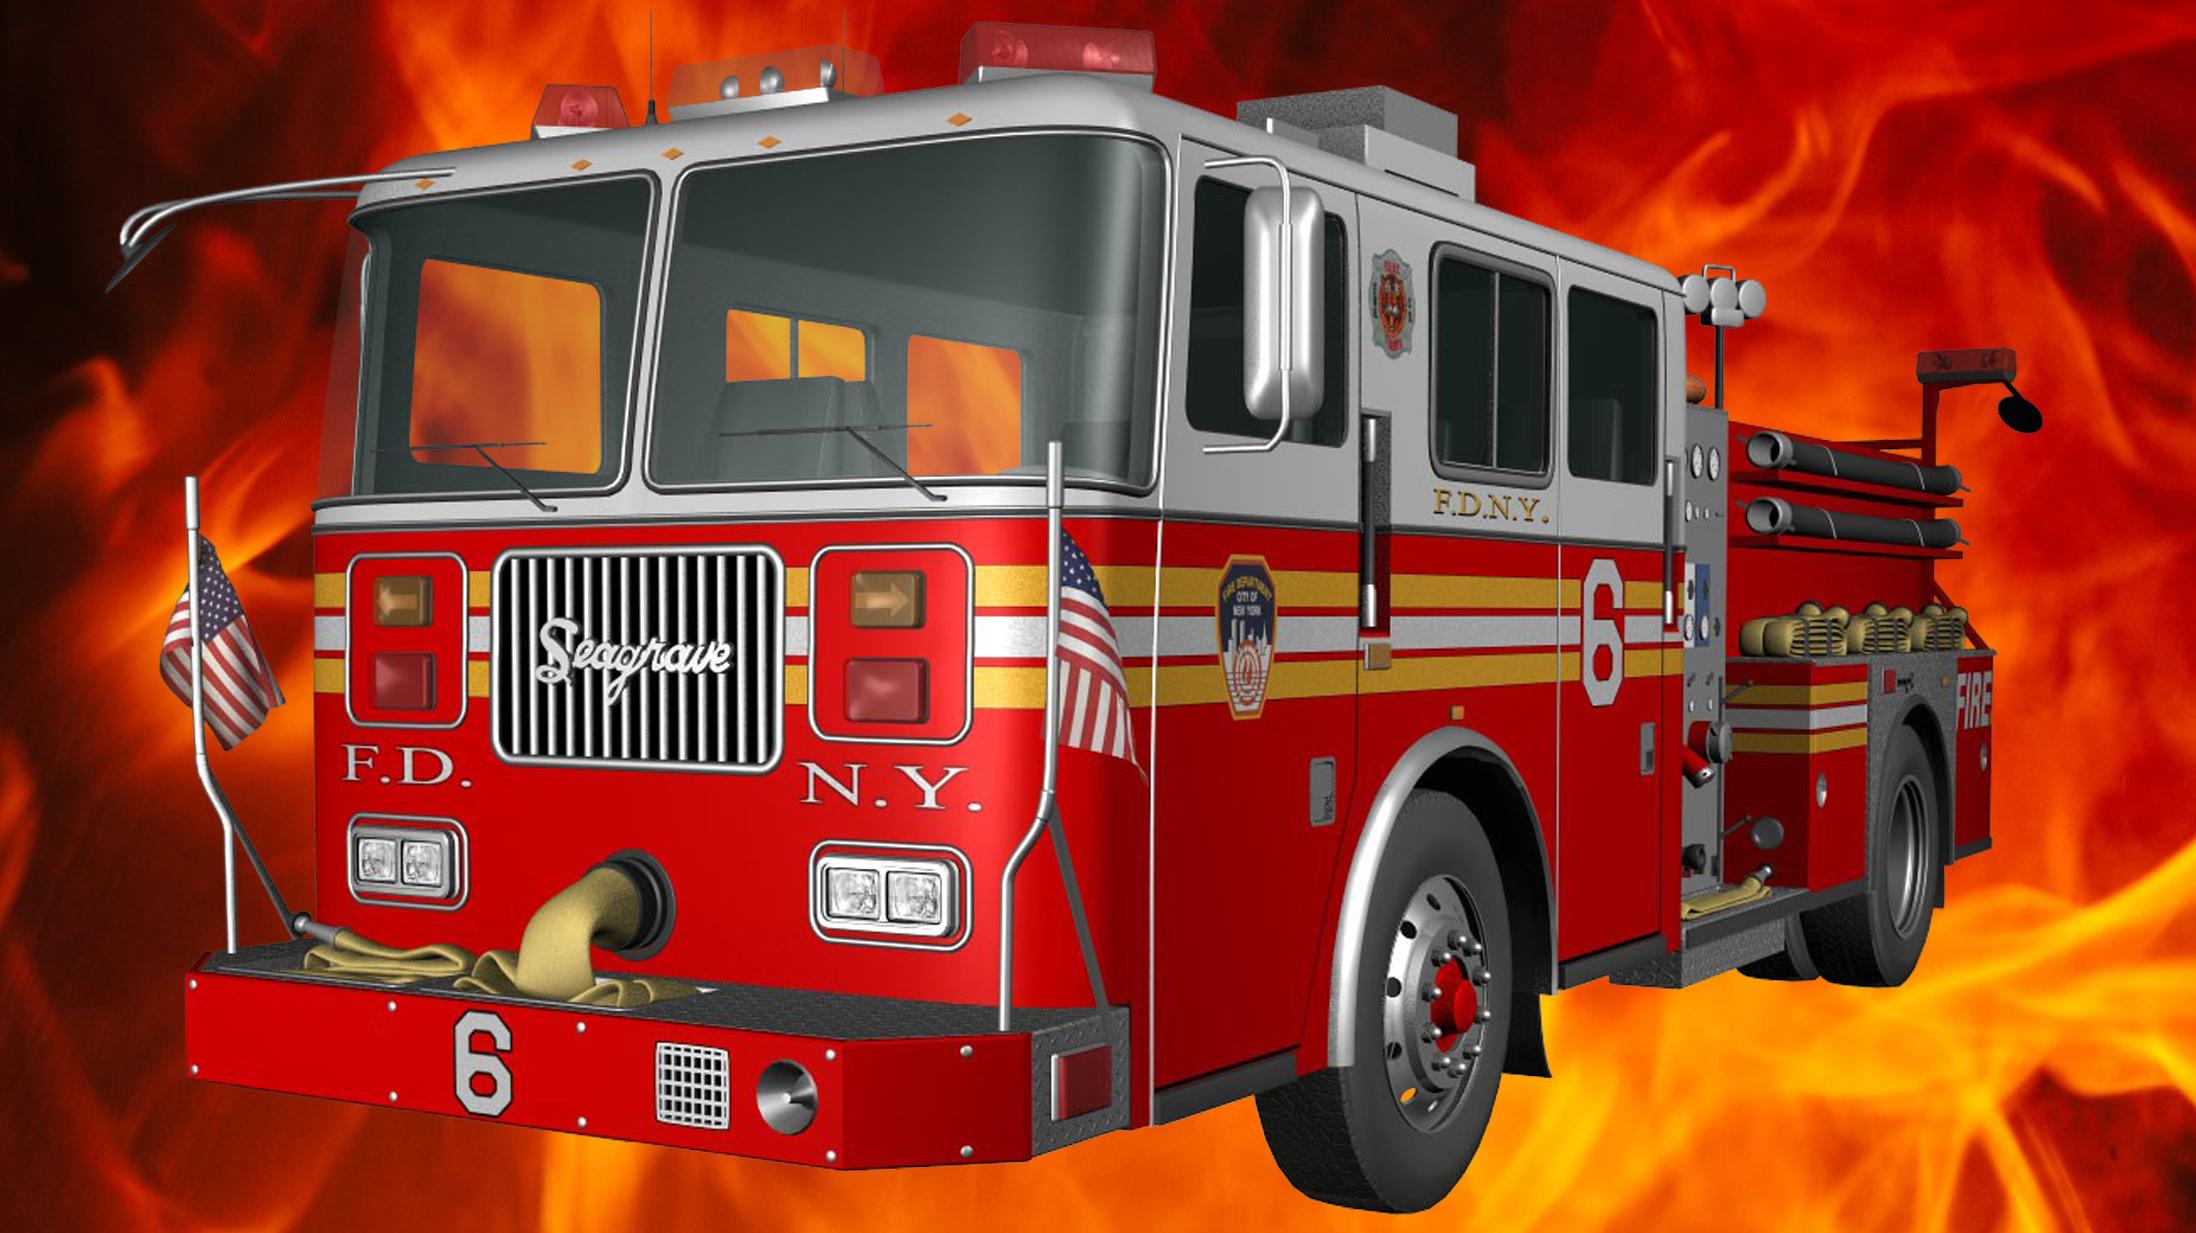 Fire Truck_1463991071329.jpg